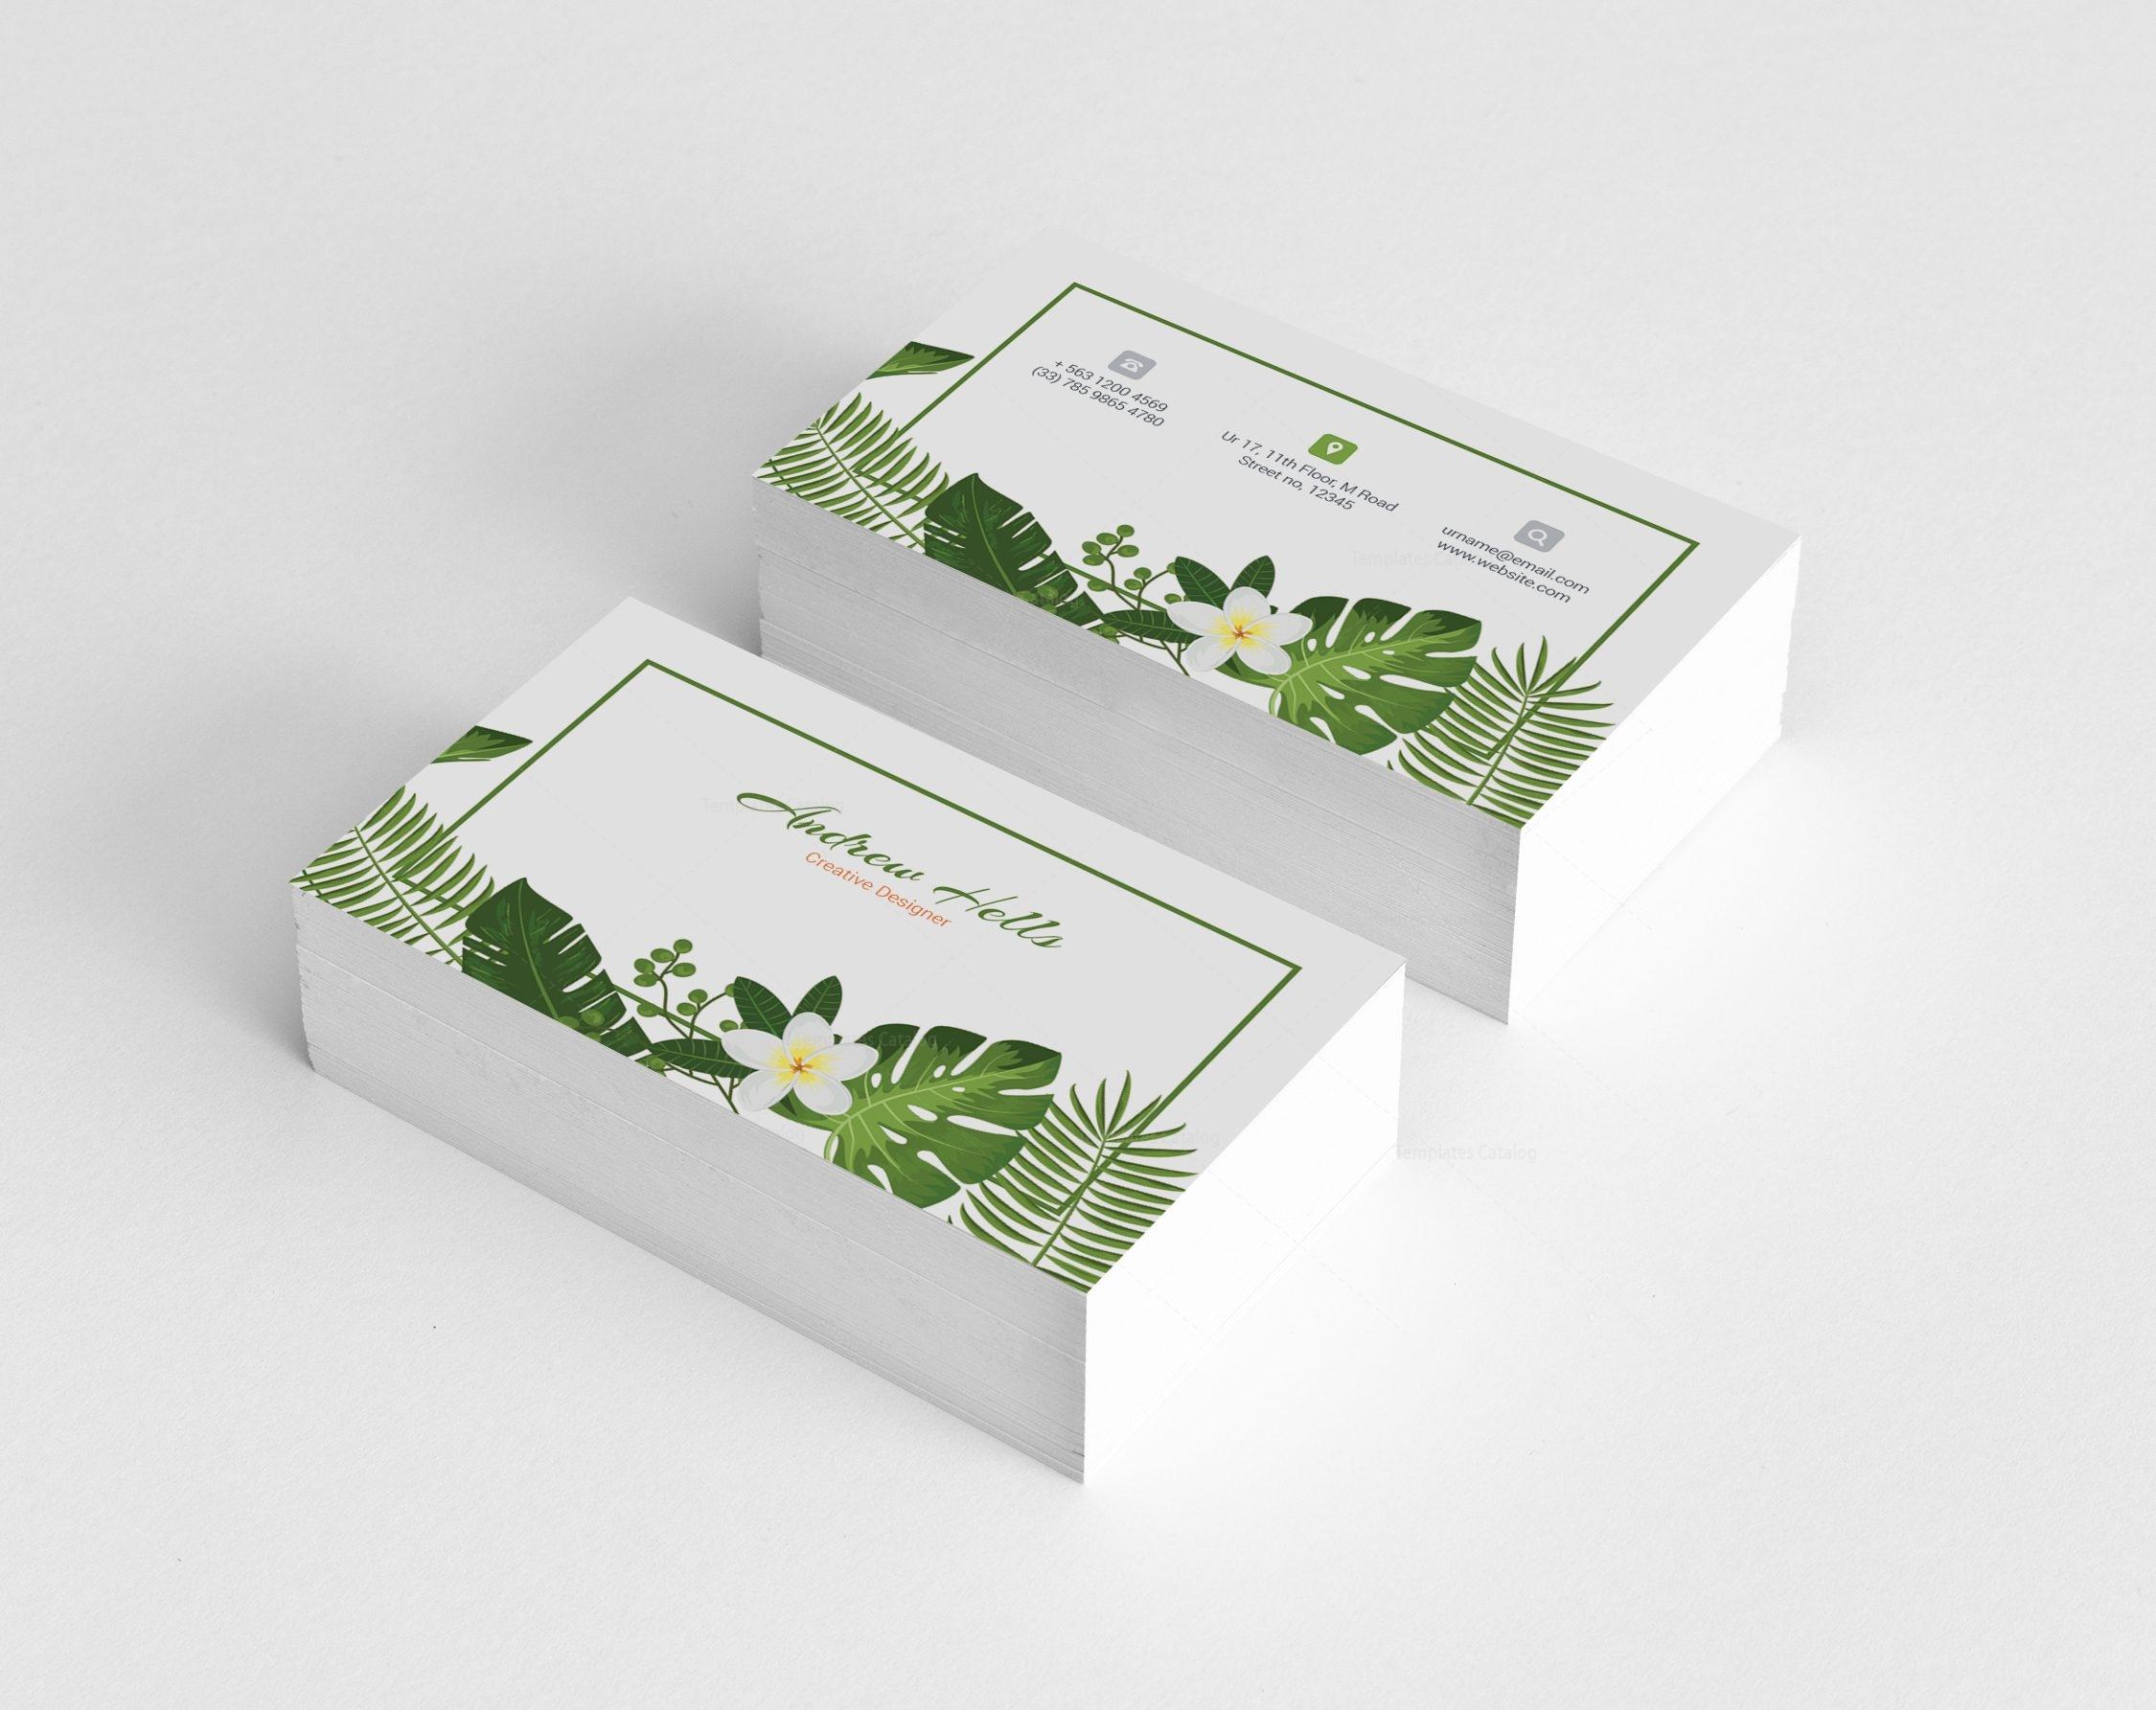 Florist Professional Corporate Business Card Template 001328 ...